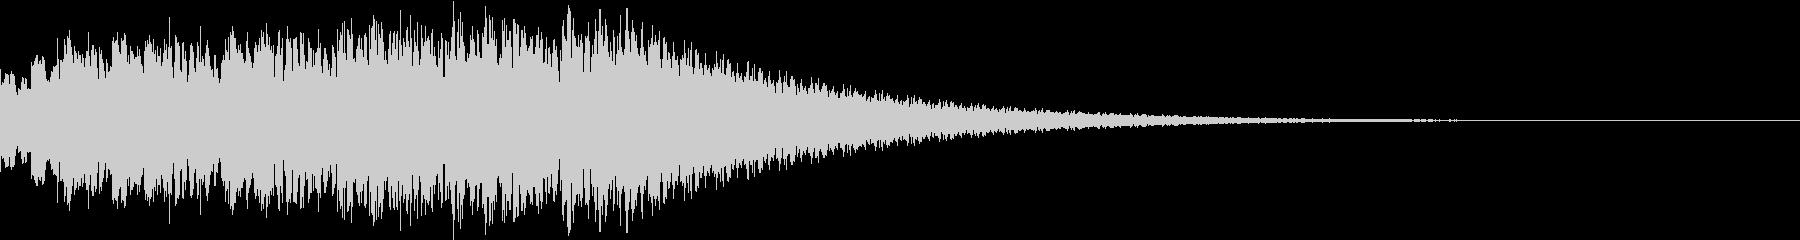 TVFX ビヨーンとヘンテコなSE 6の未再生の波形